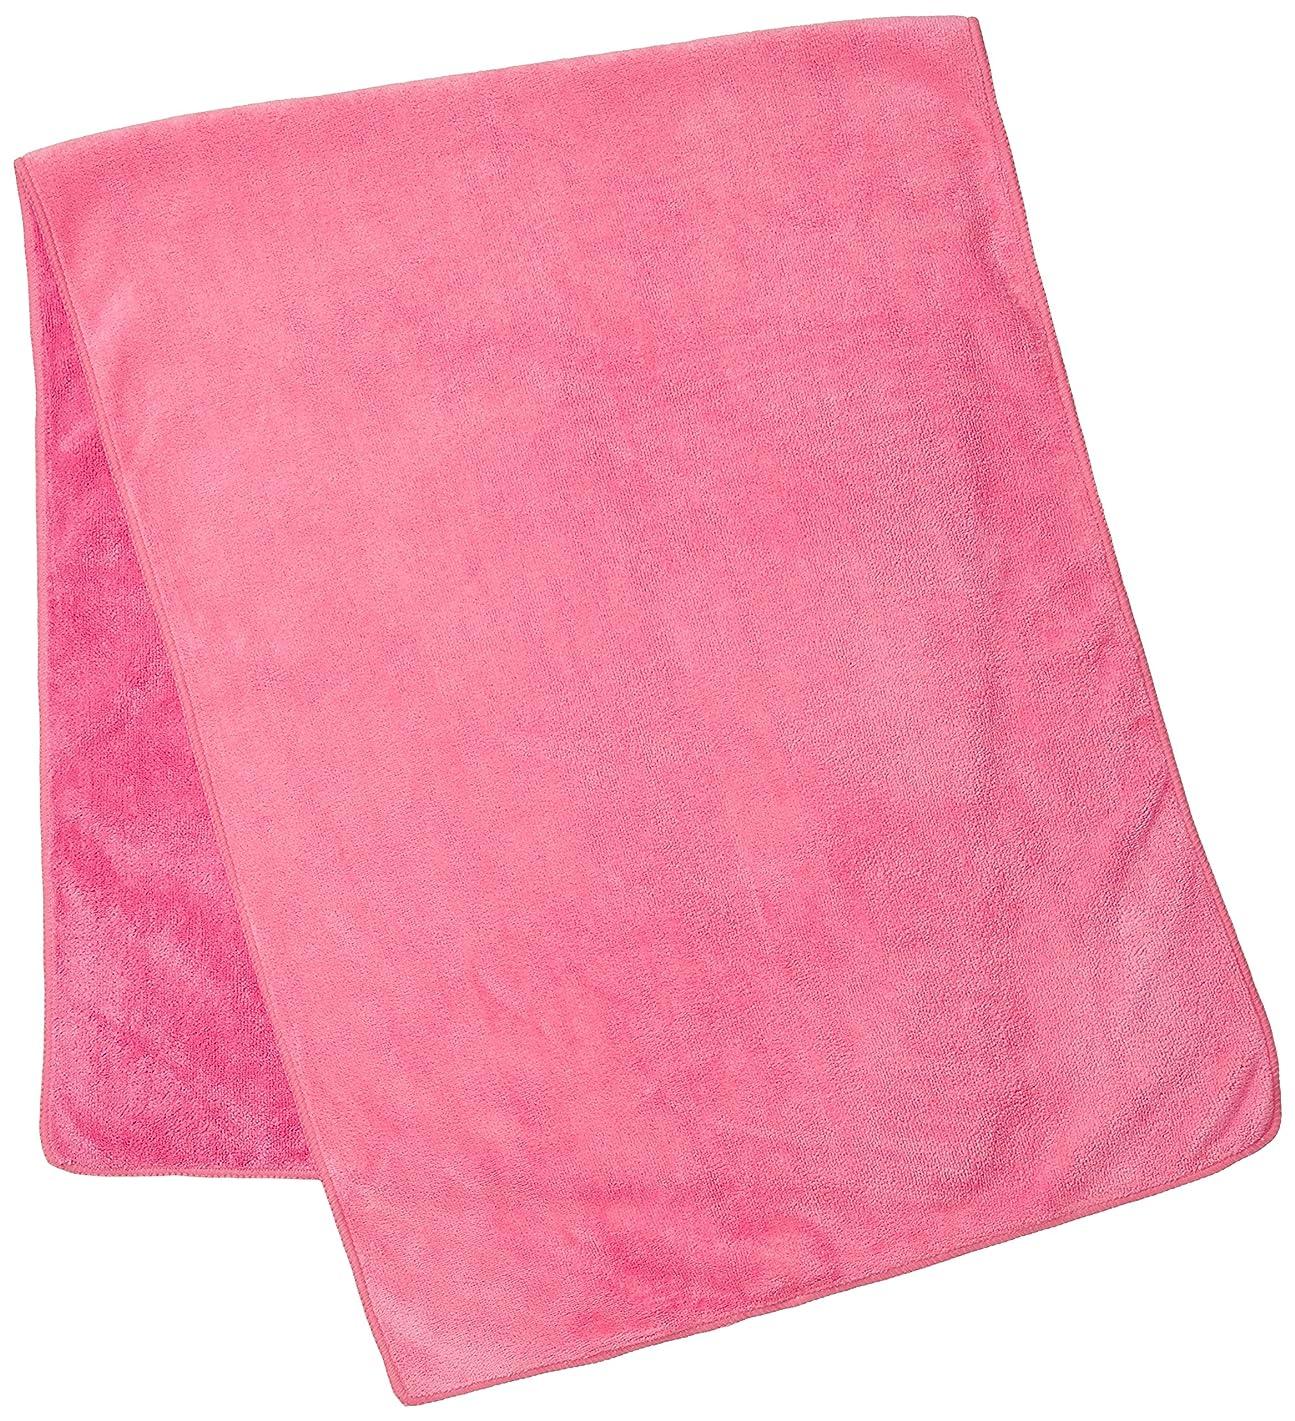 先不毛の目に見えるSHO-BI バスタオル ピンク 27×17×4cm